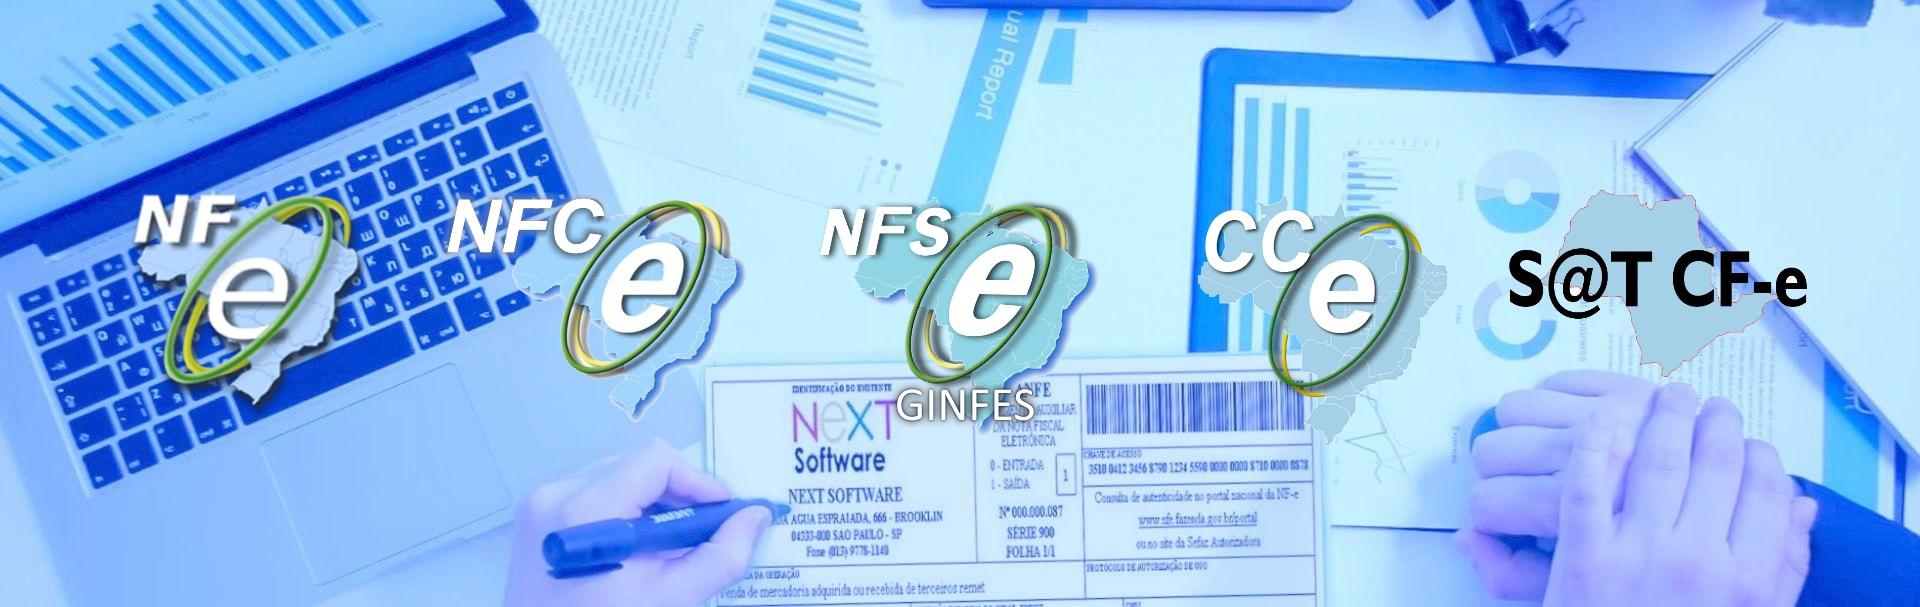 NeXT ERP para Comércio de Soldas - Sistema gerencial completo com Emissão de NF-e | NFS-e | CC-e | NFC-e | SAT